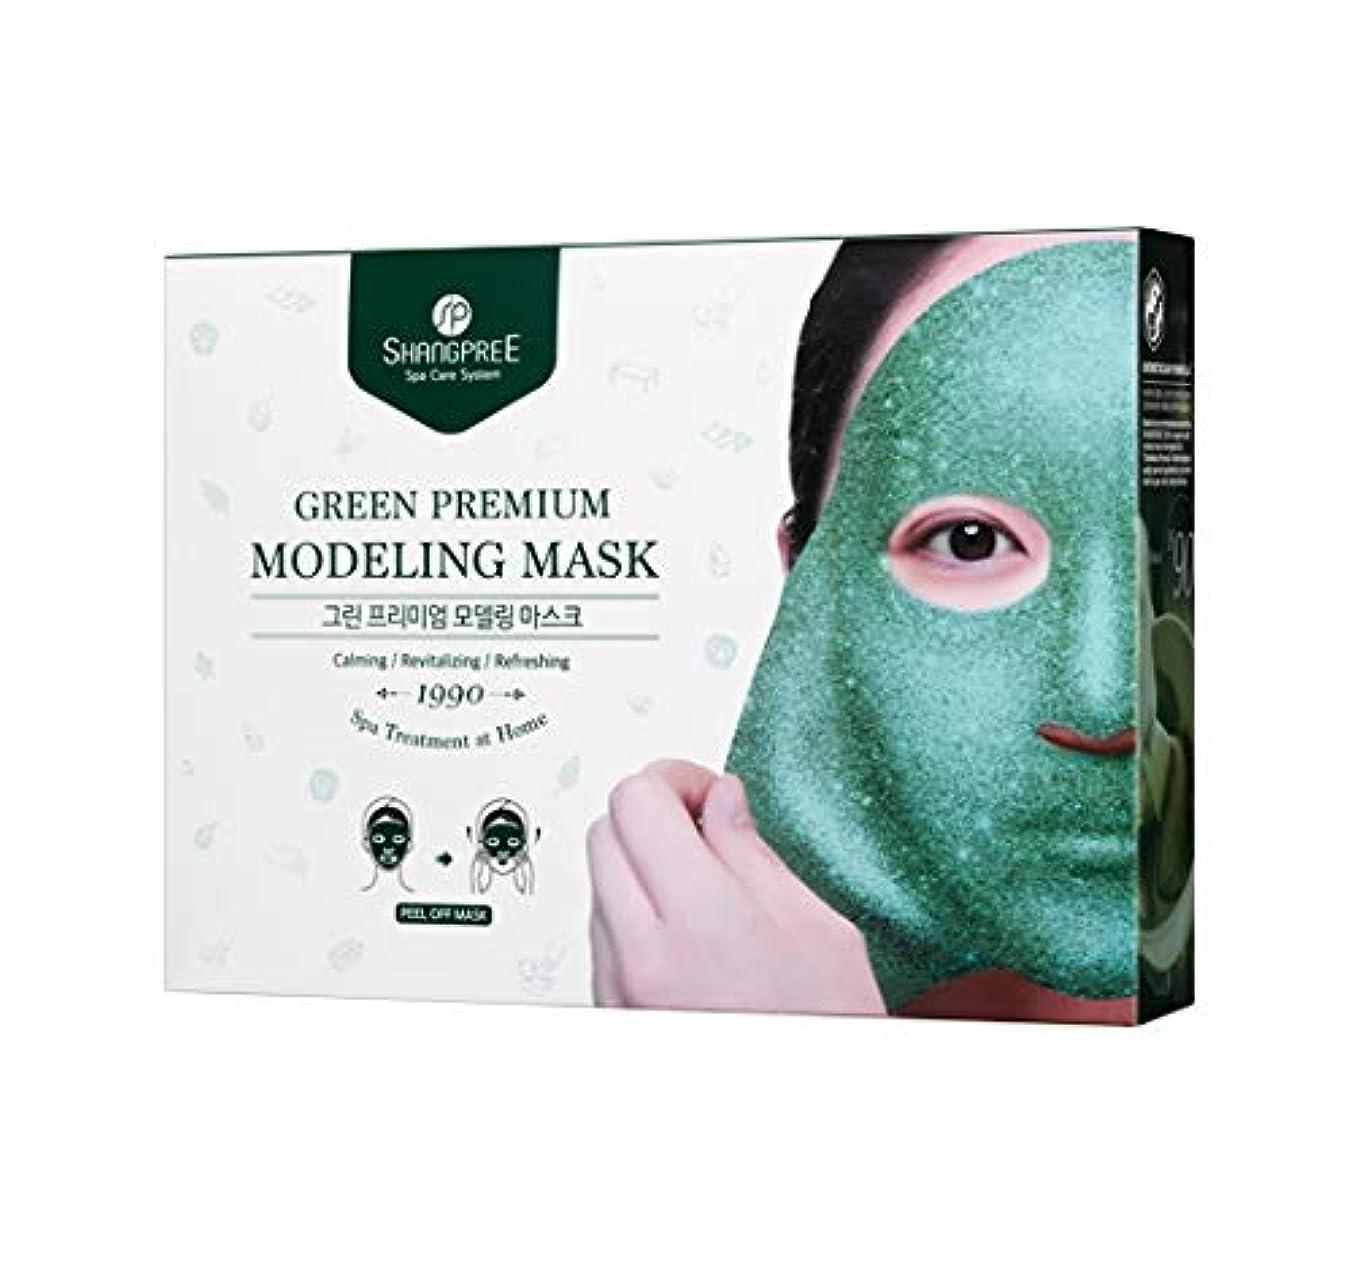 対応するに対して緑Shangpree グリーンプレミアムモデリングマスク 5枚 Green premium modeling mask 5ea (並行輸入品)